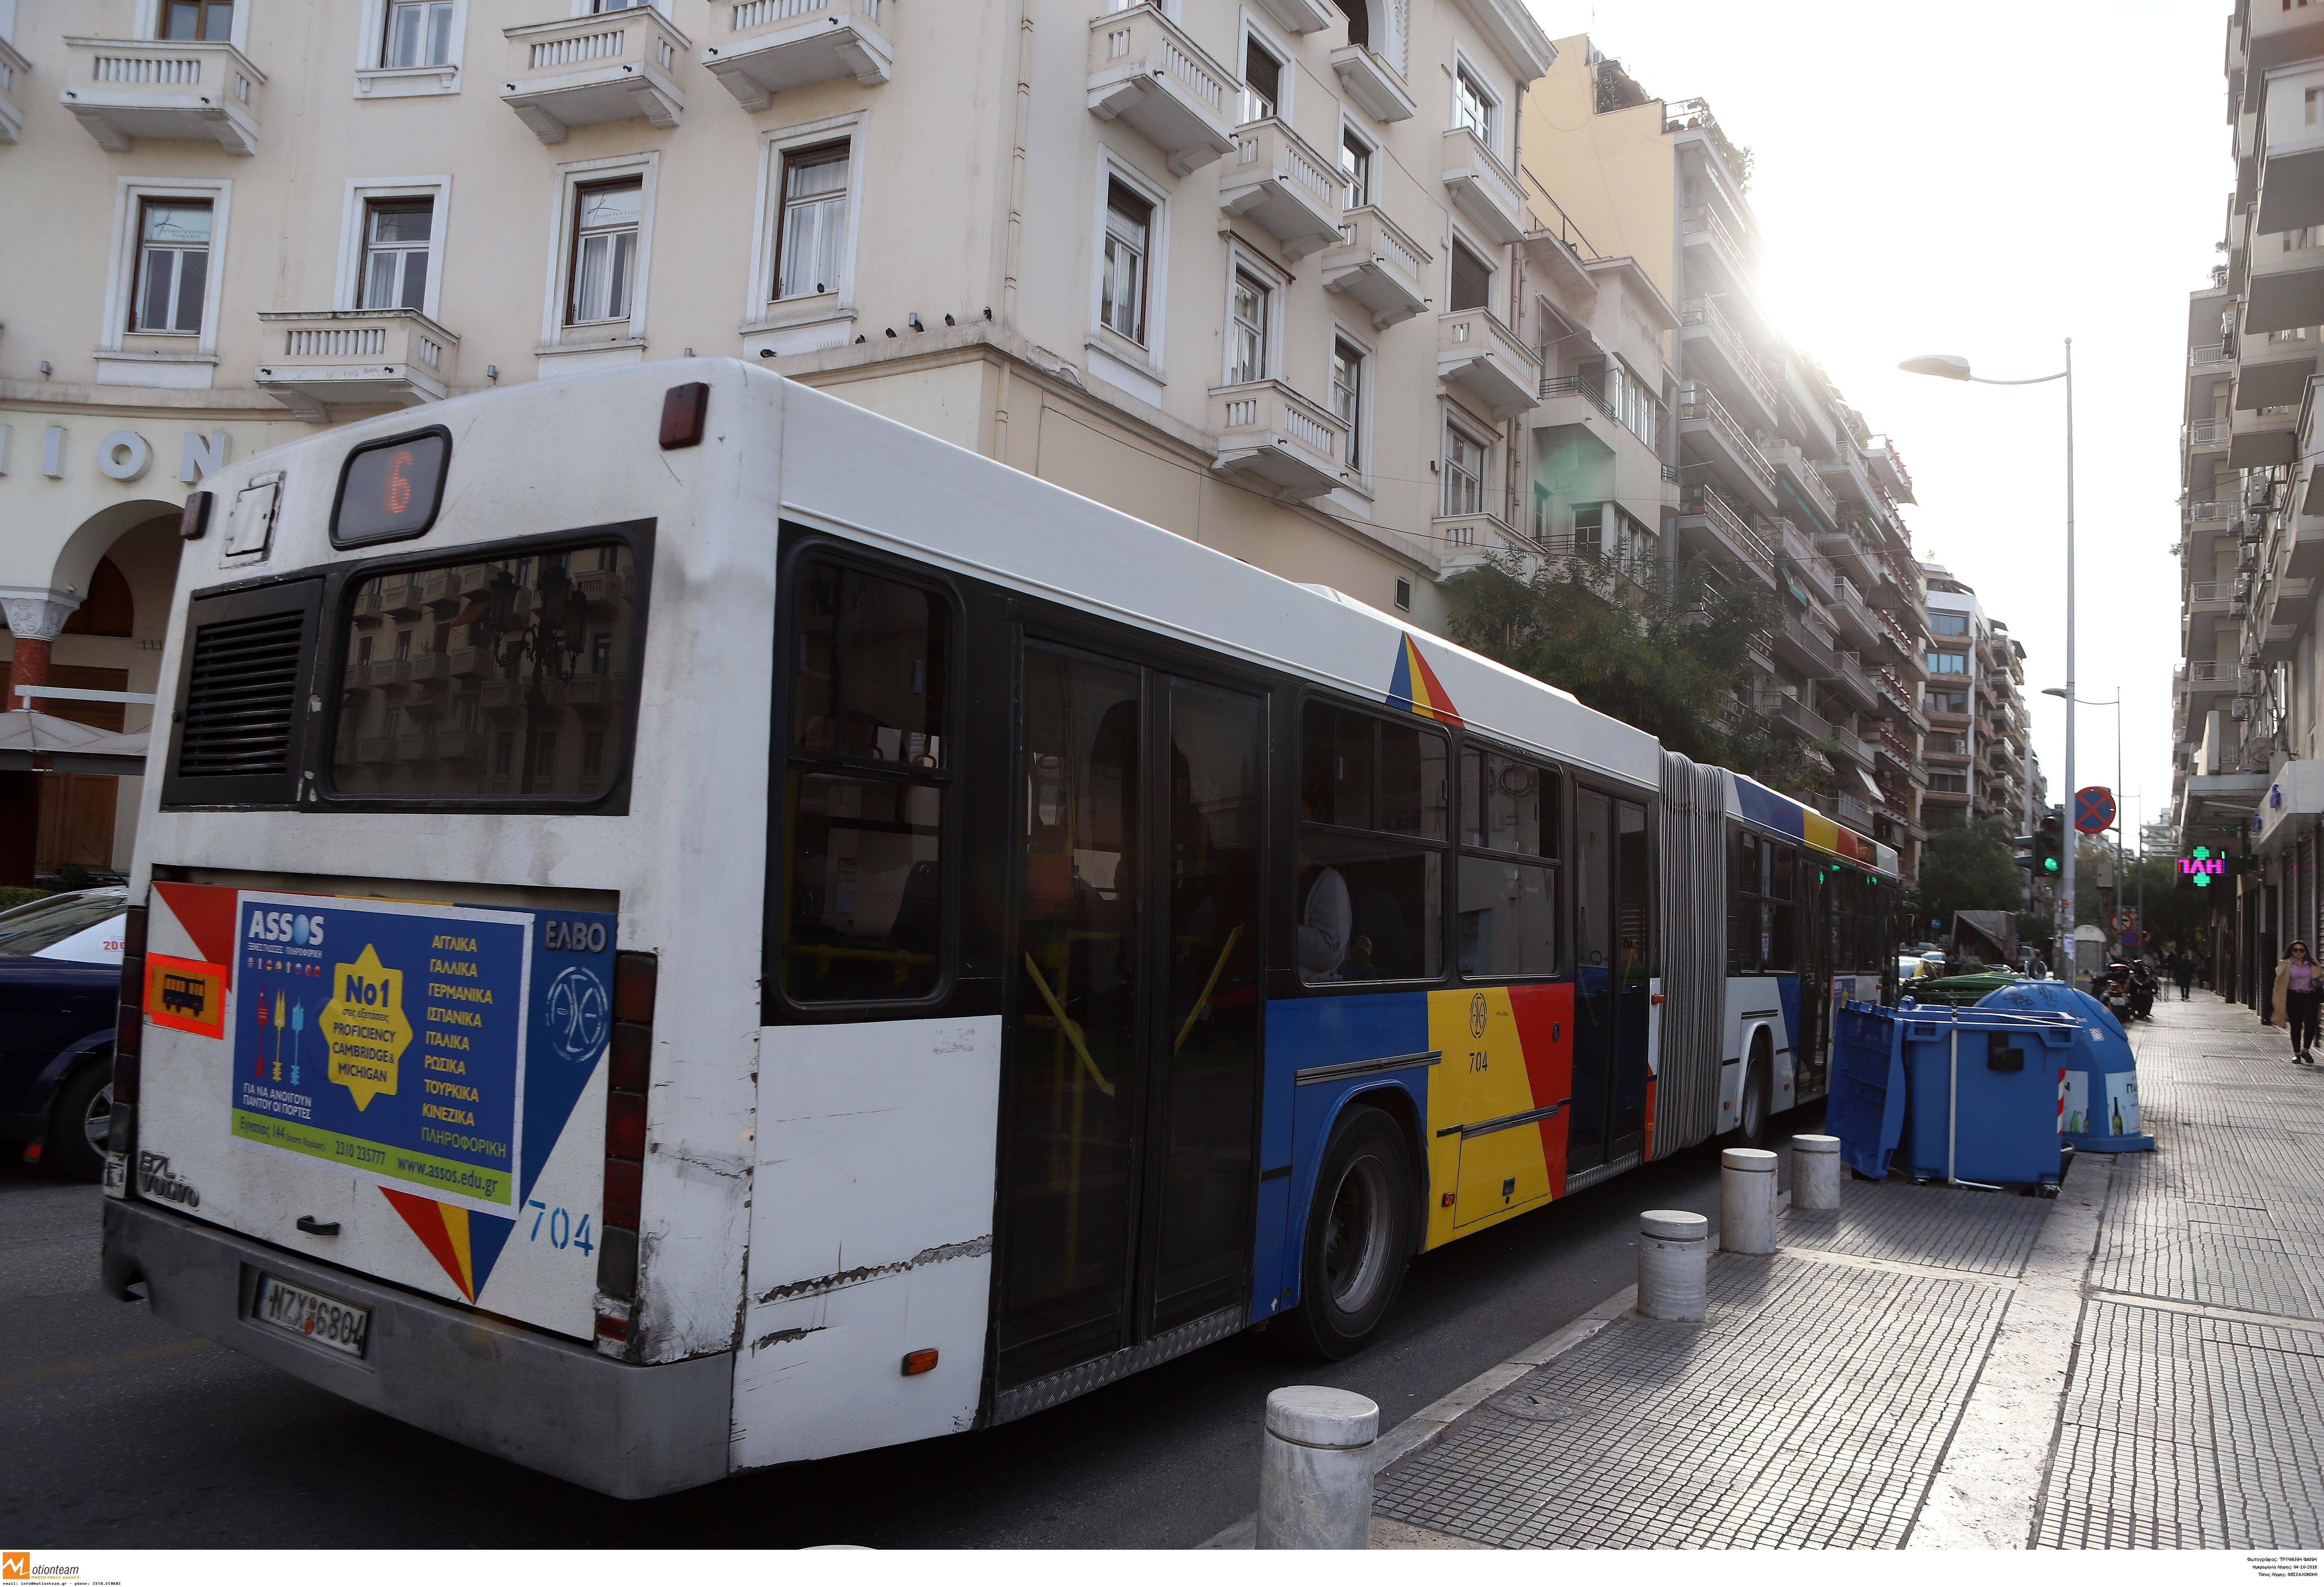 Νέα επίθεση με πέτρες σε λεωφορείο το βράδυ της Τρίτης